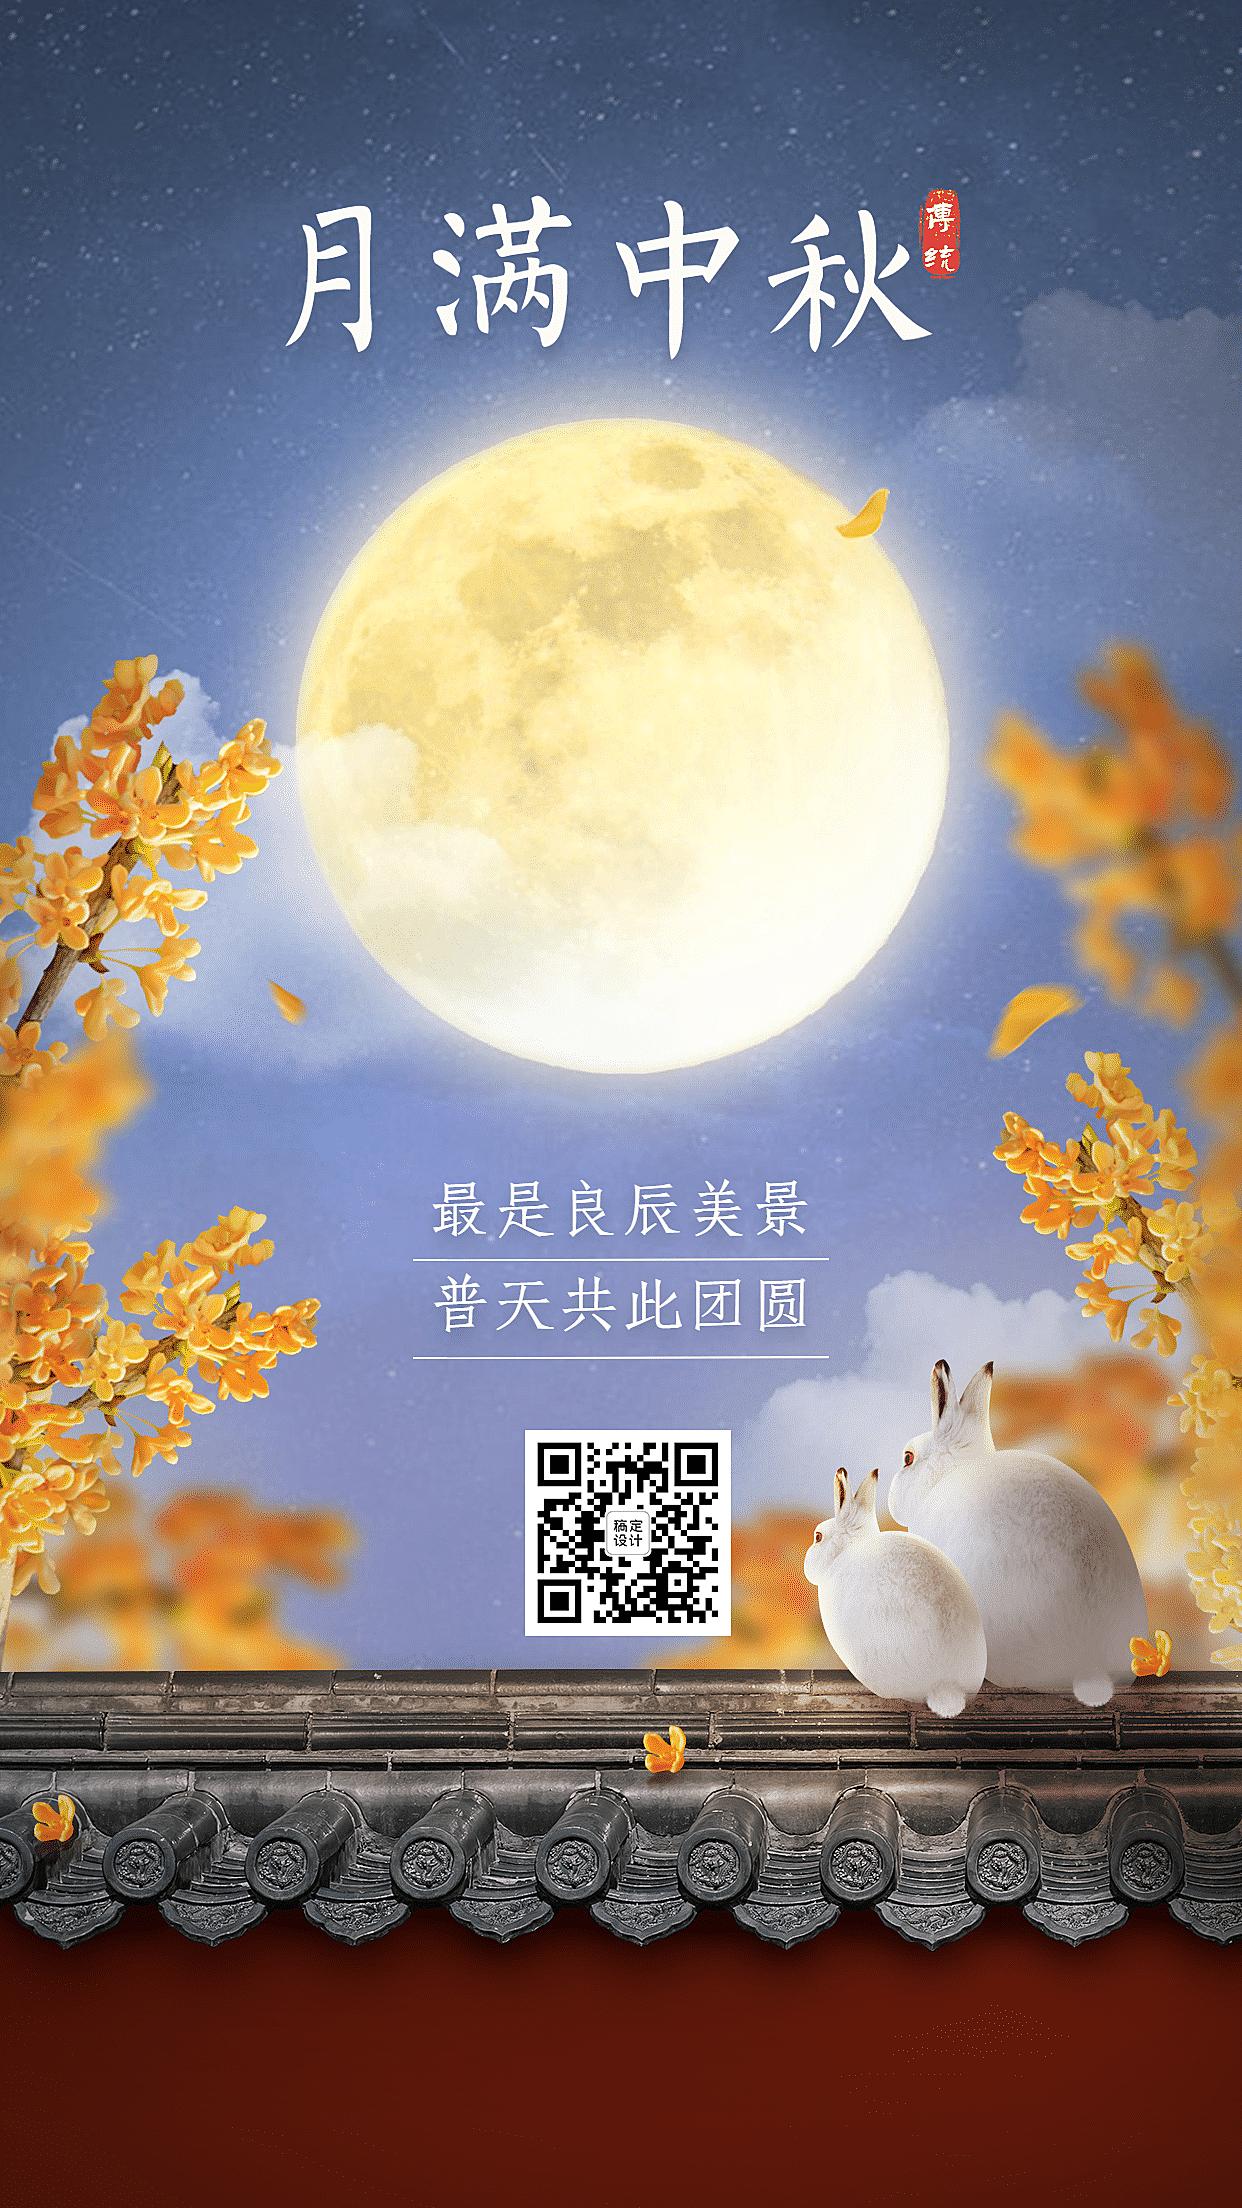 国风实景中秋节日祝福